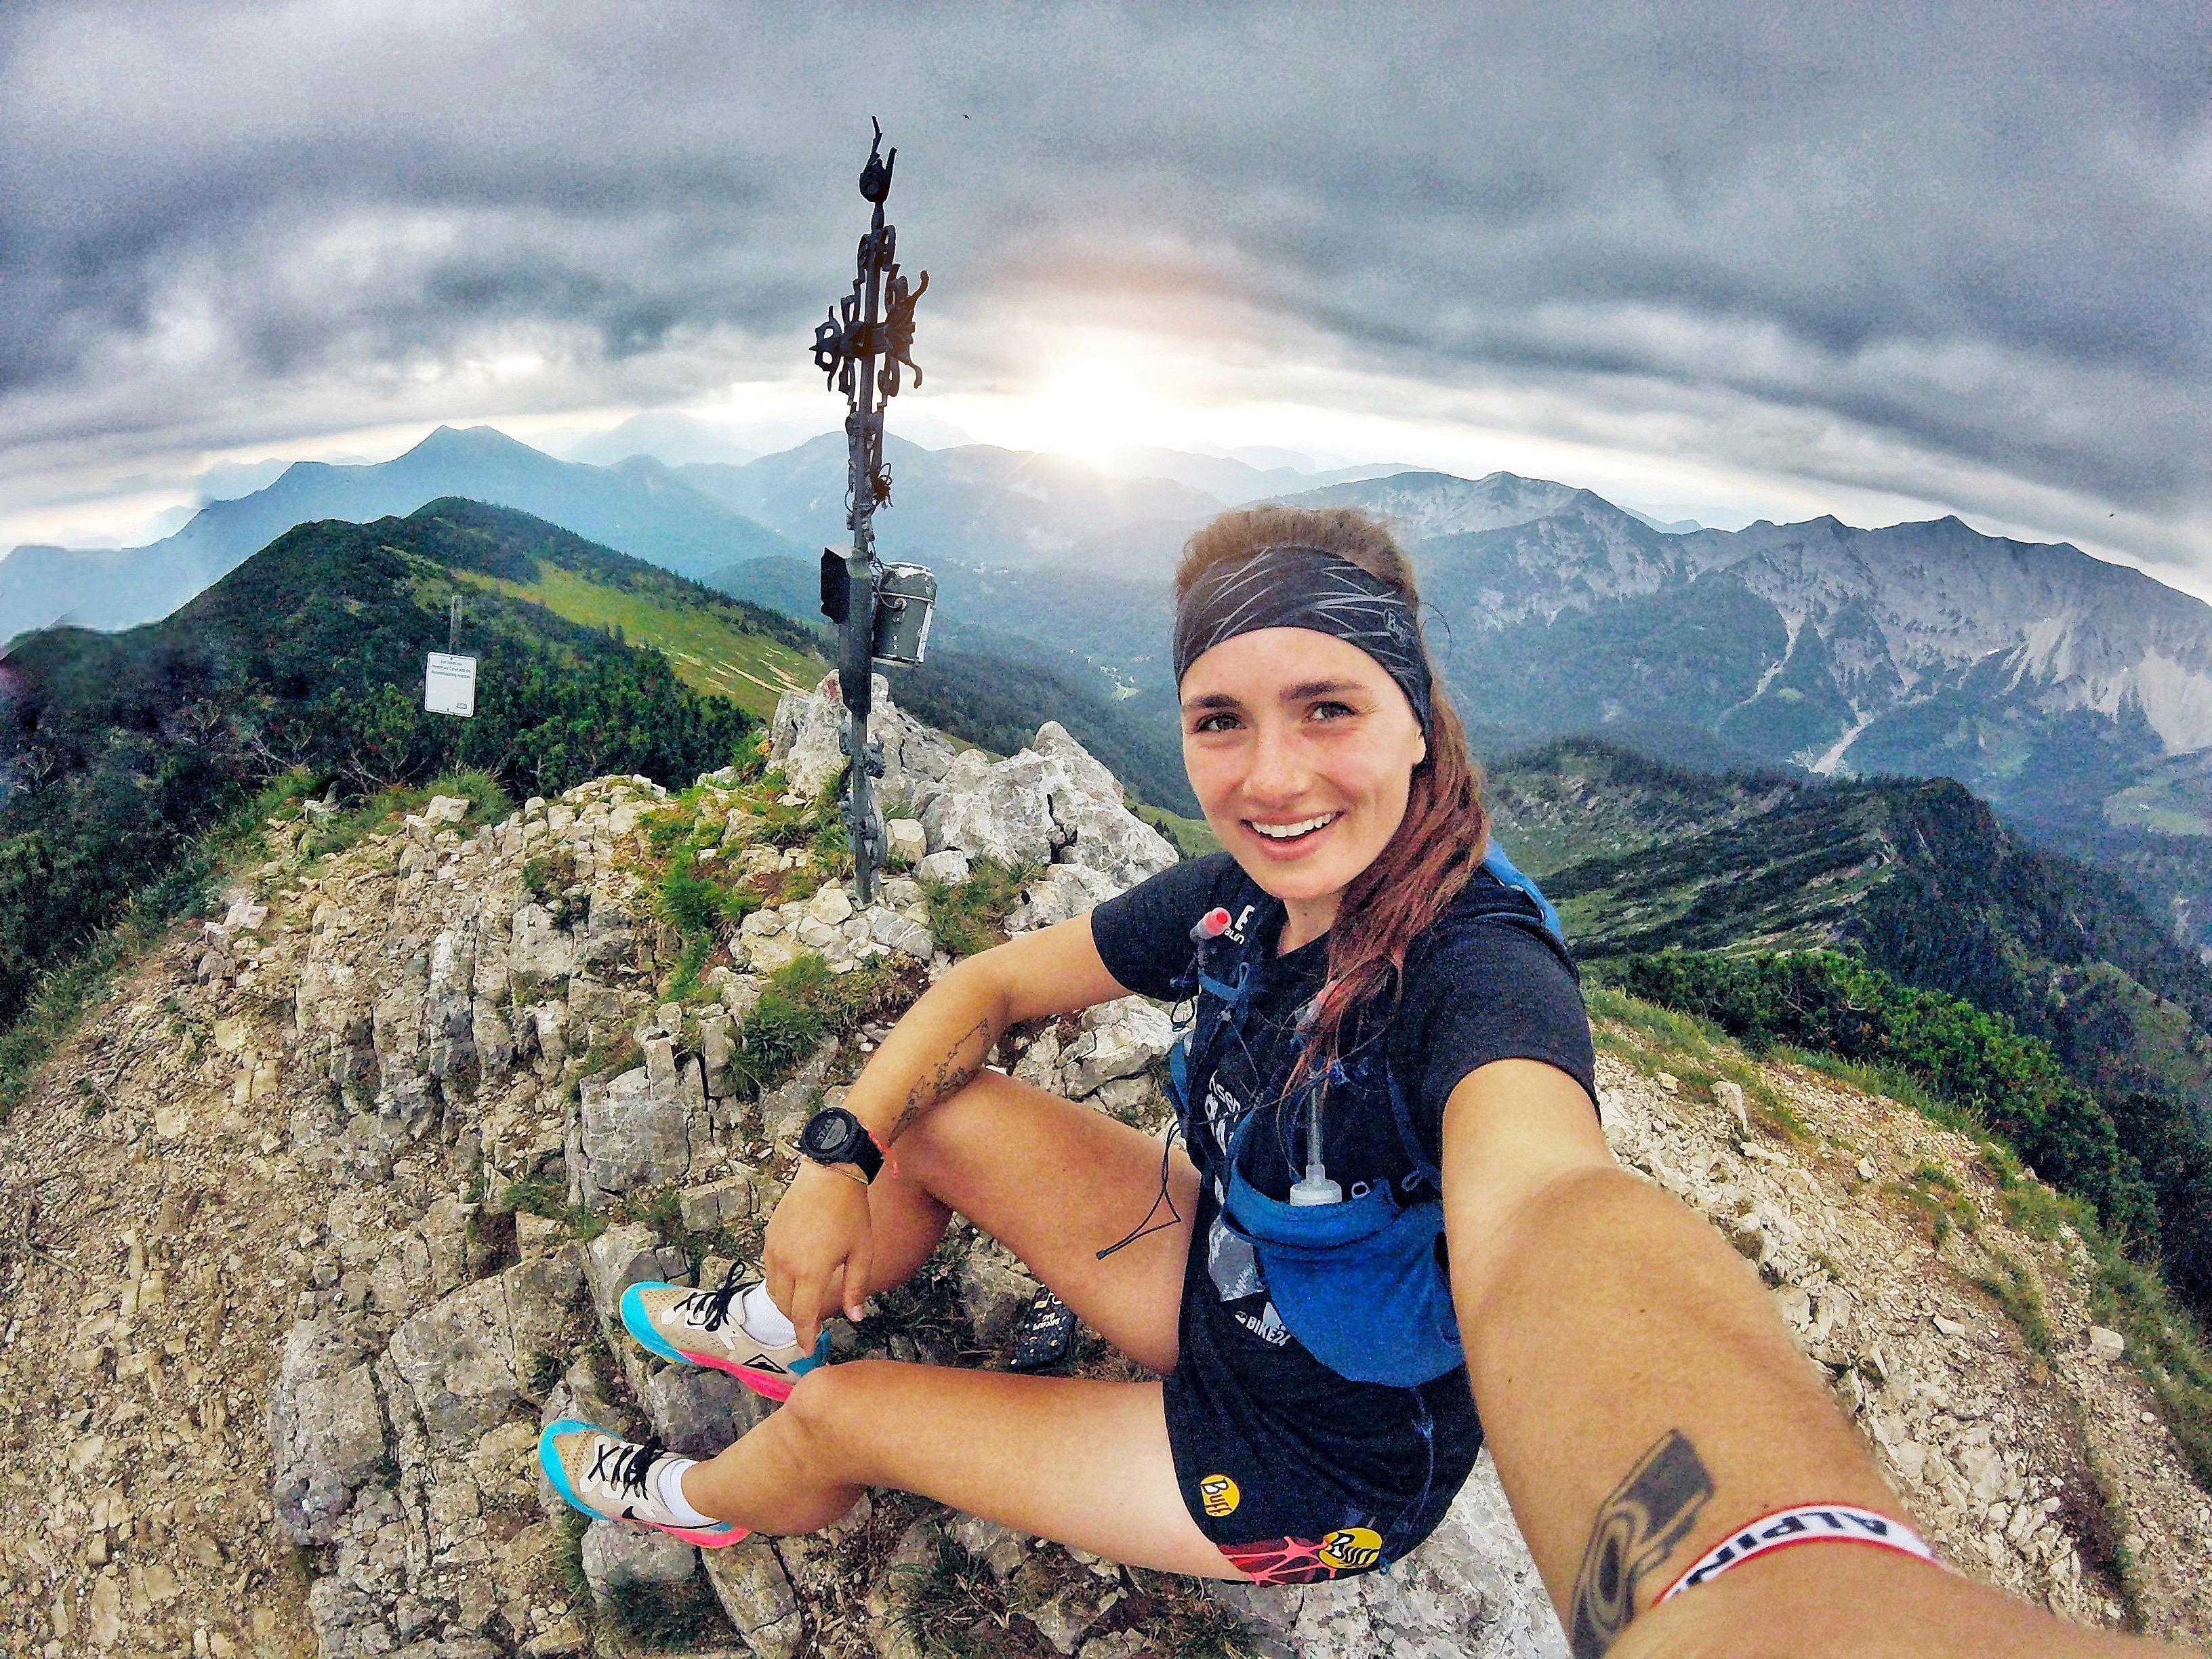 Susanne Lehmann von runskills.de, mit Selfiestick auf einem Berg